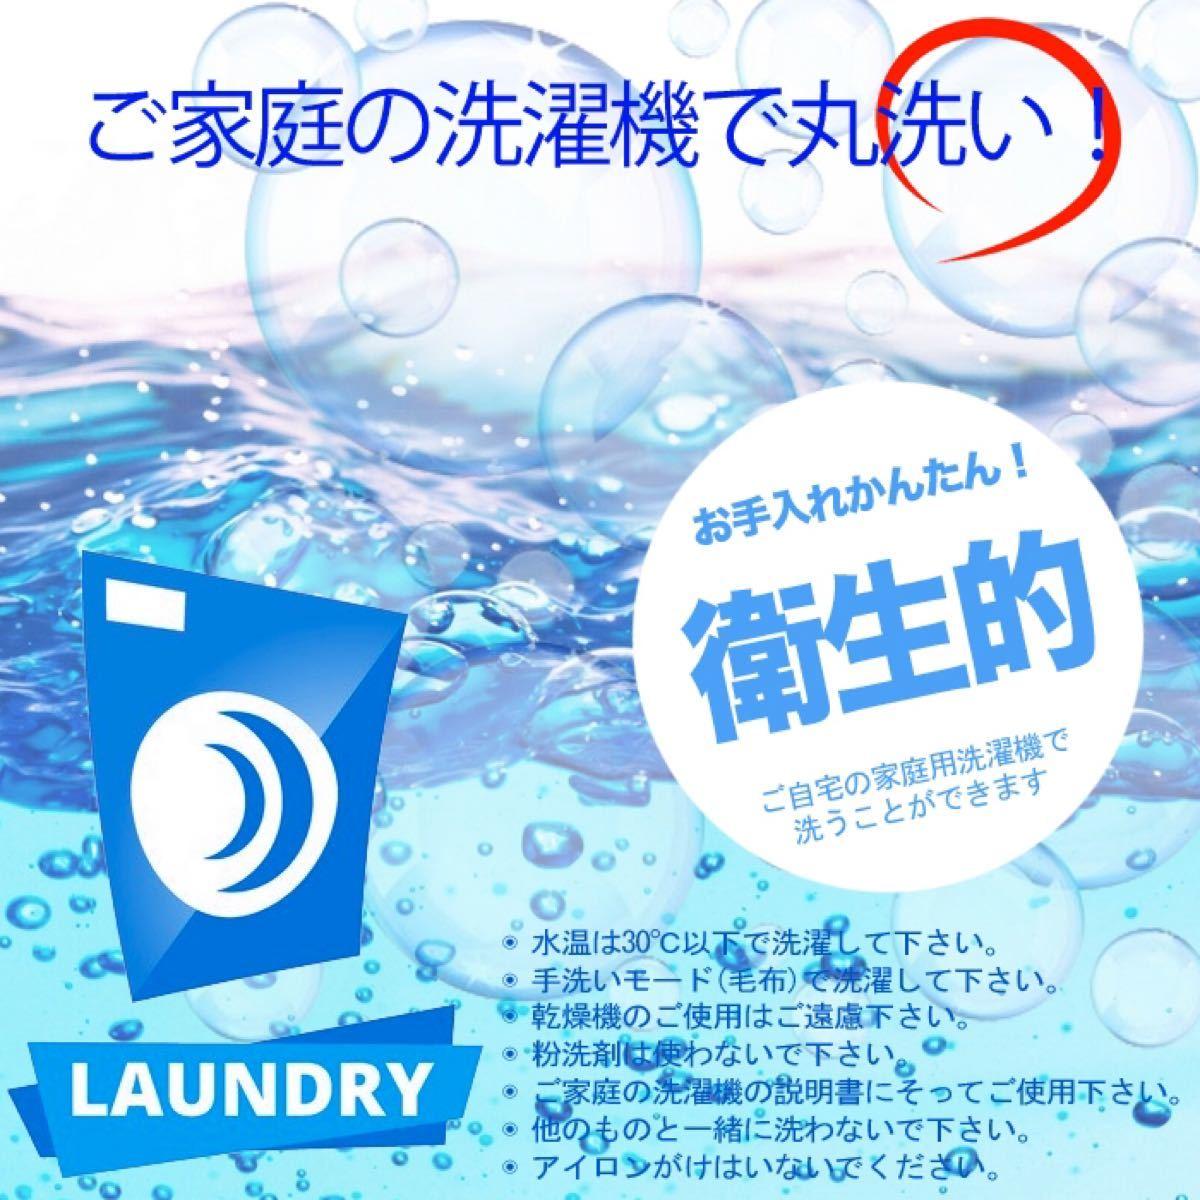 ワイドサイズ 寝袋 シュラフ 封筒型 車中泊 防災 最低使用温度 -15℃